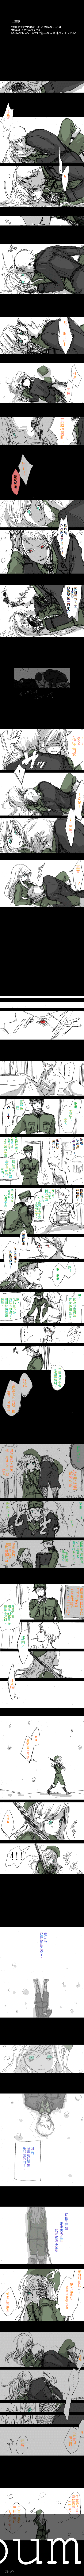 普洪翻2.png